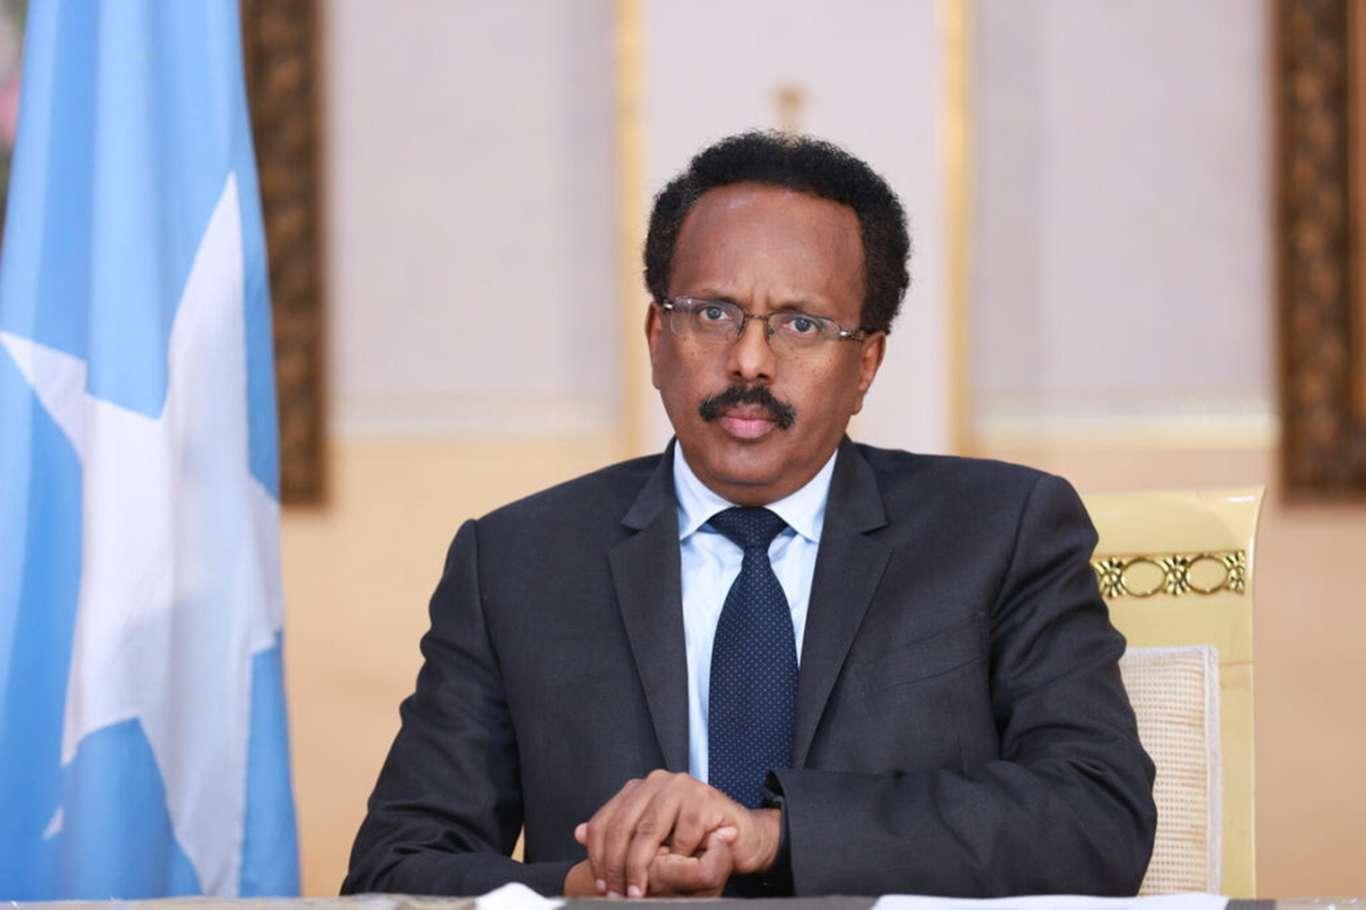 Somali' Cumhurbaşkanına Saldırı Düzenlendi